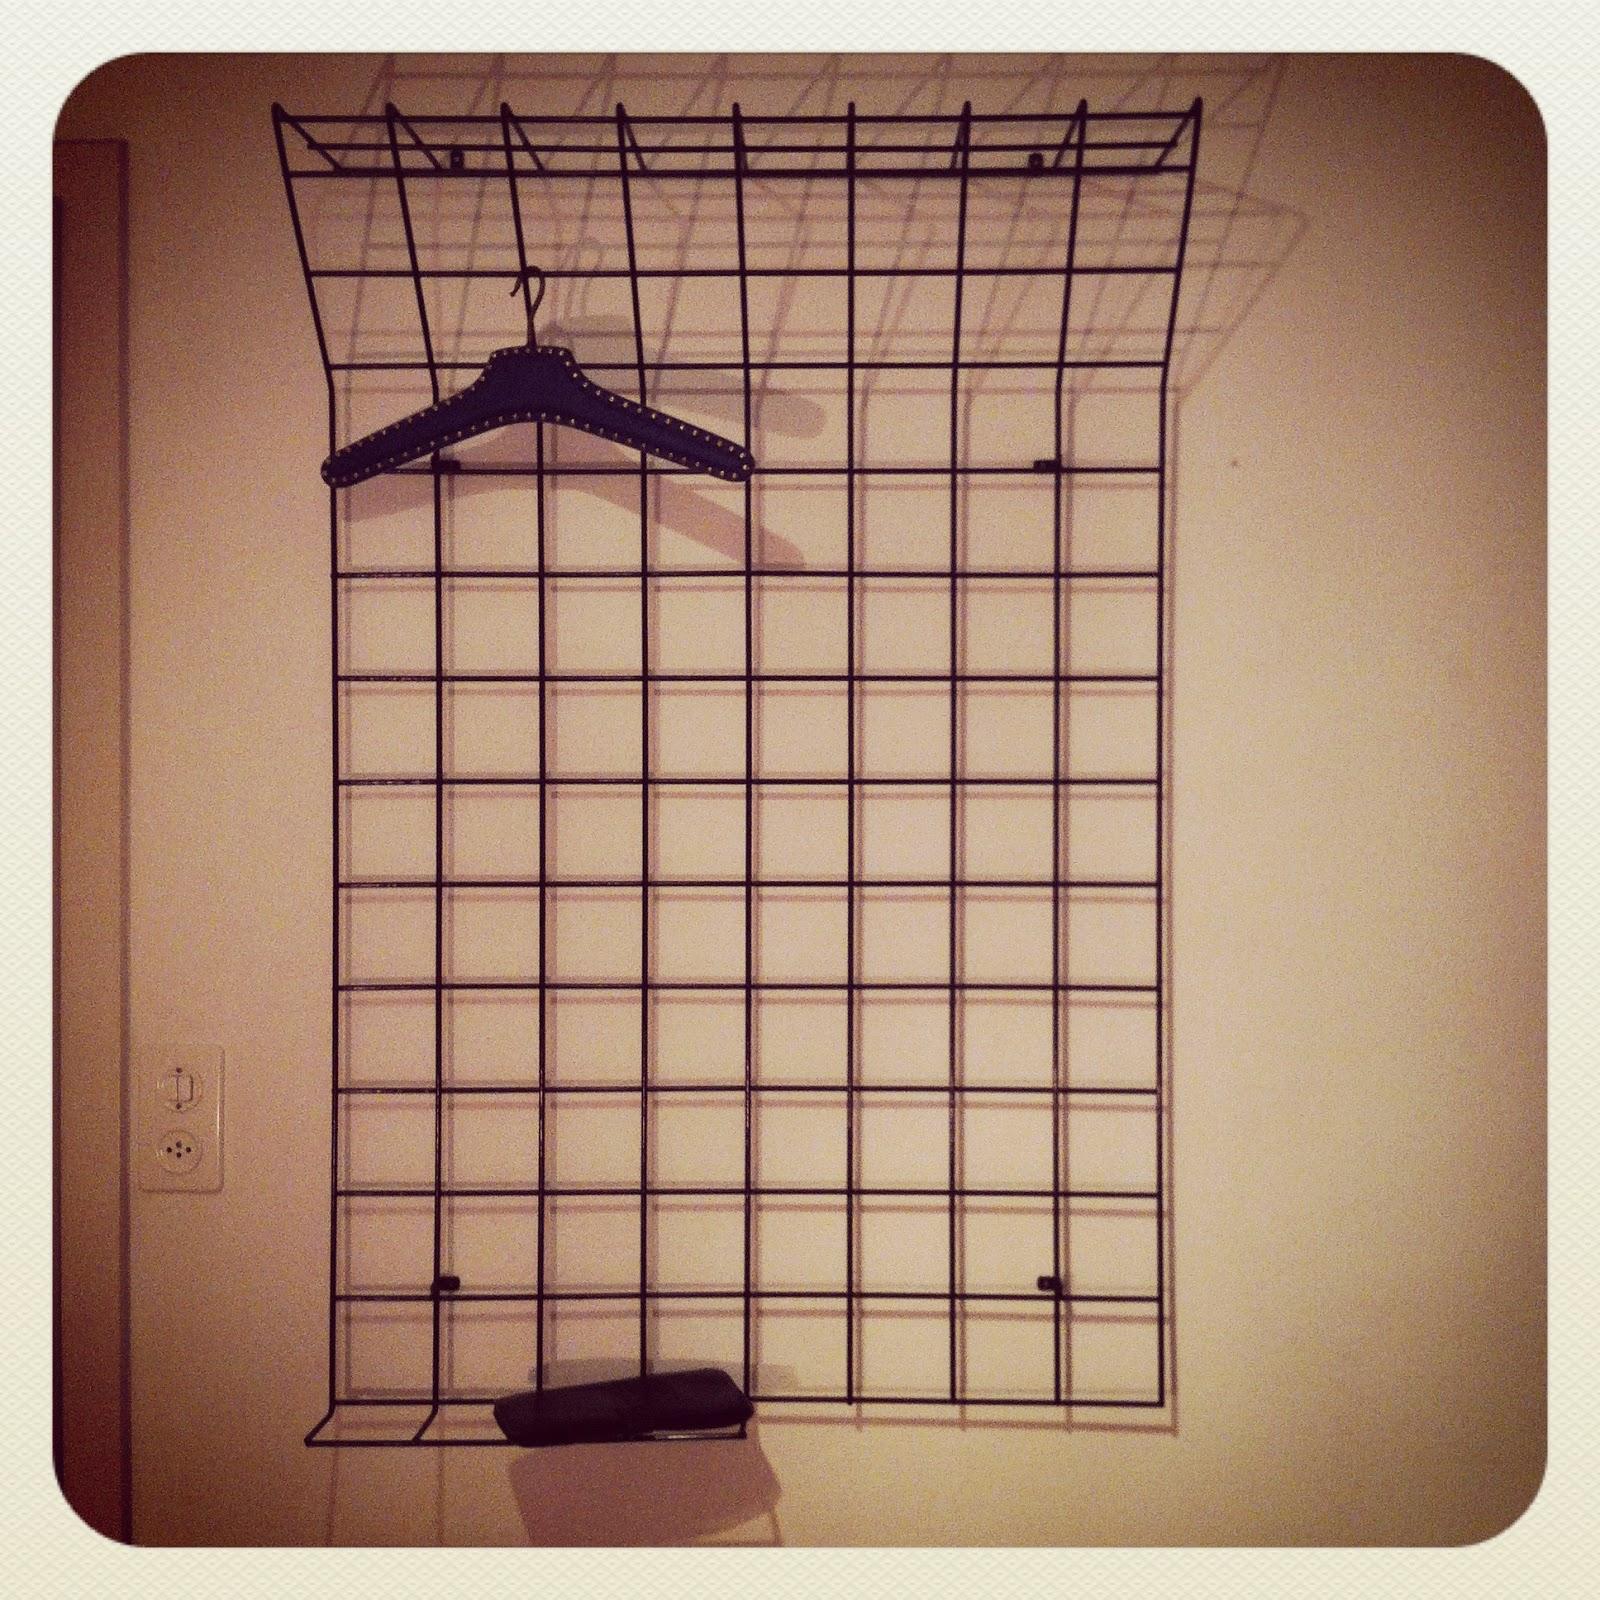 Garderobe Gitter 70er jahre gitter metall wandgarderobe verkauft le site des objets